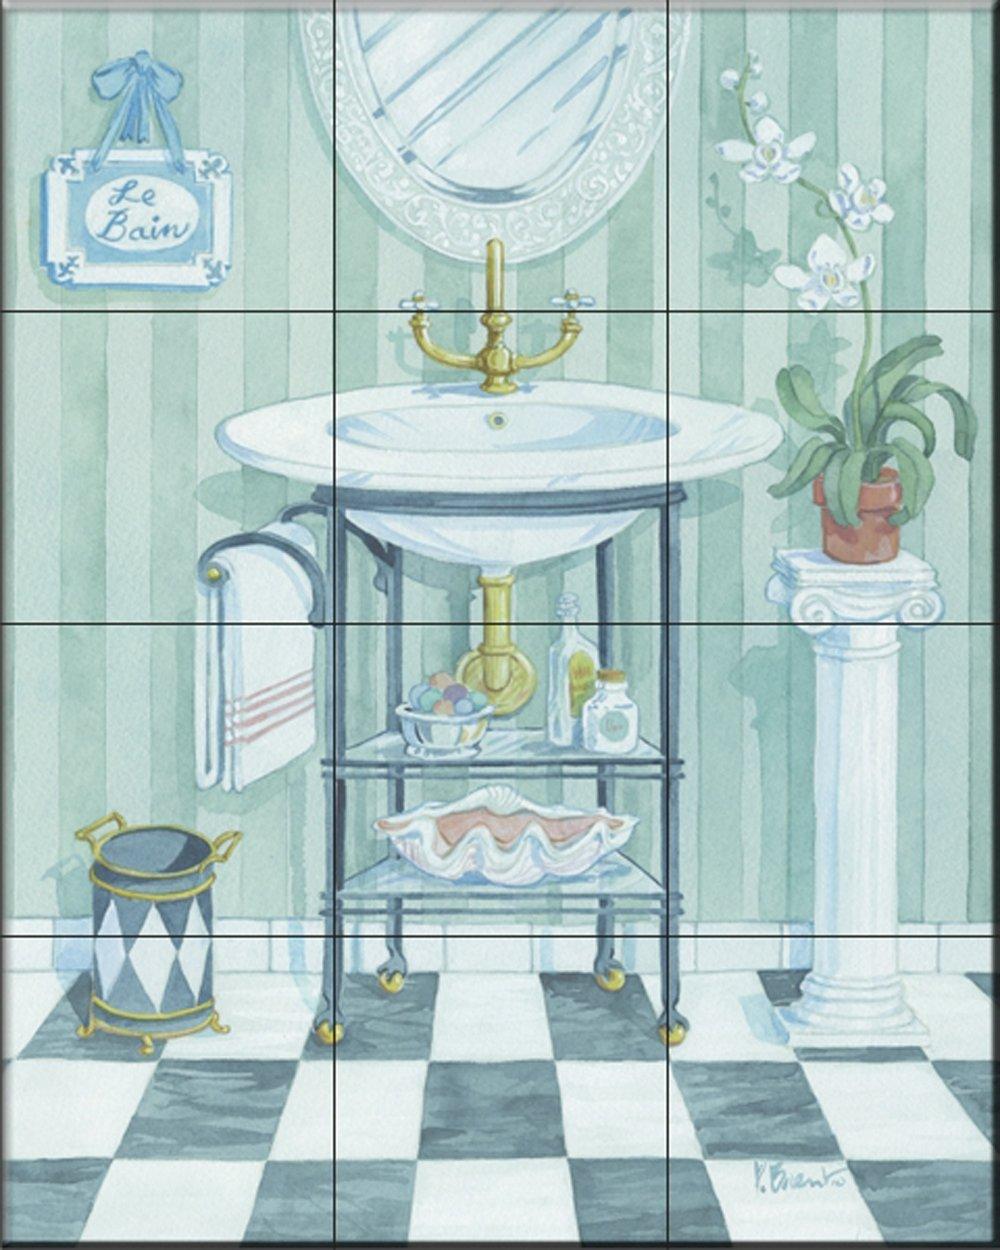 Fliesenwandbild - Waschbecken - von Paul Brent - Küche Aufkantung ...